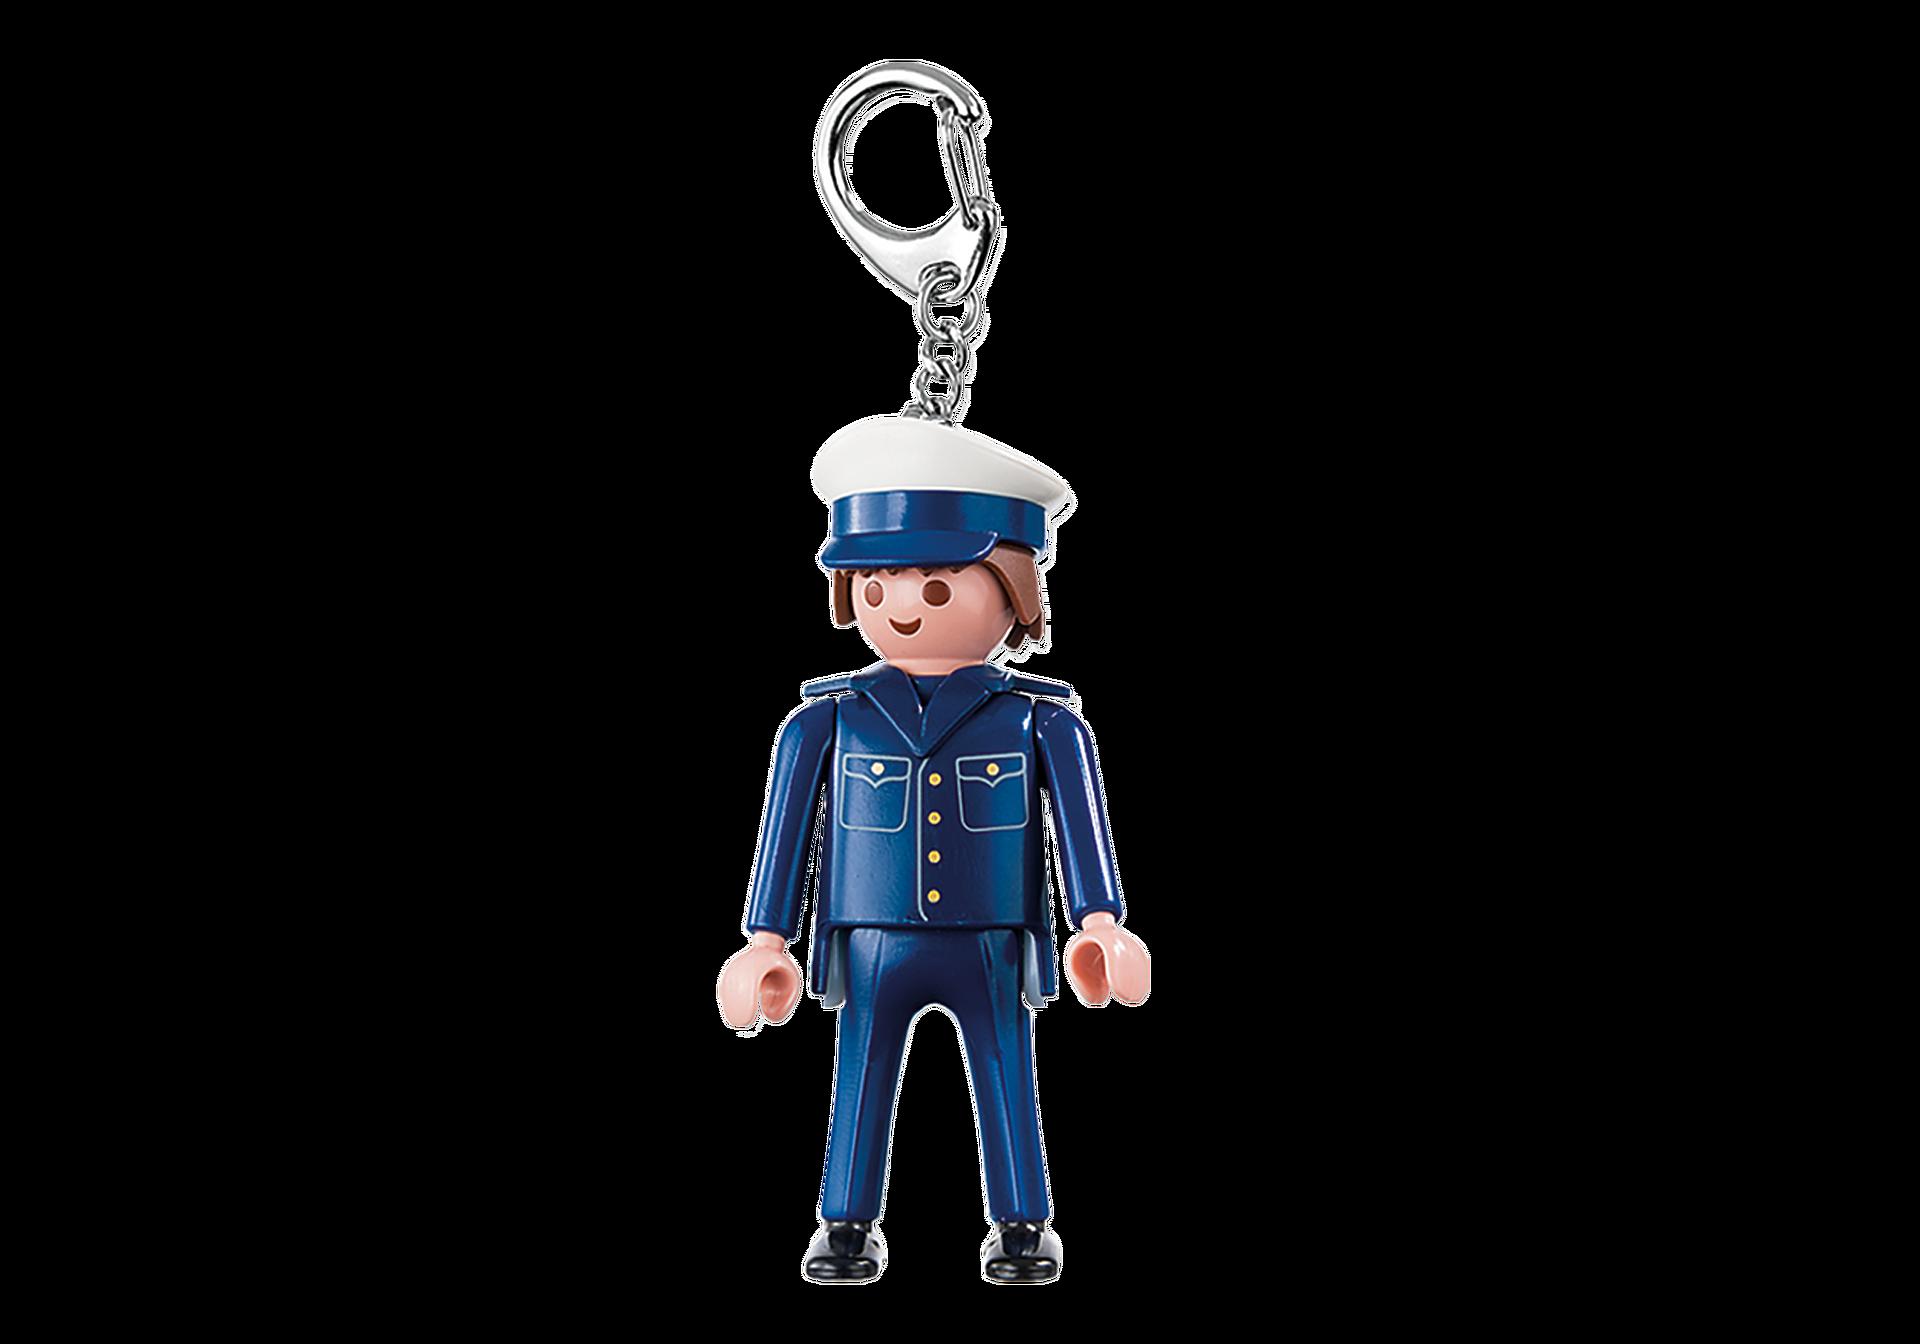 http://media.playmobil.com/i/playmobil/6615_product_detail/Schlüsselanhänger Polizist